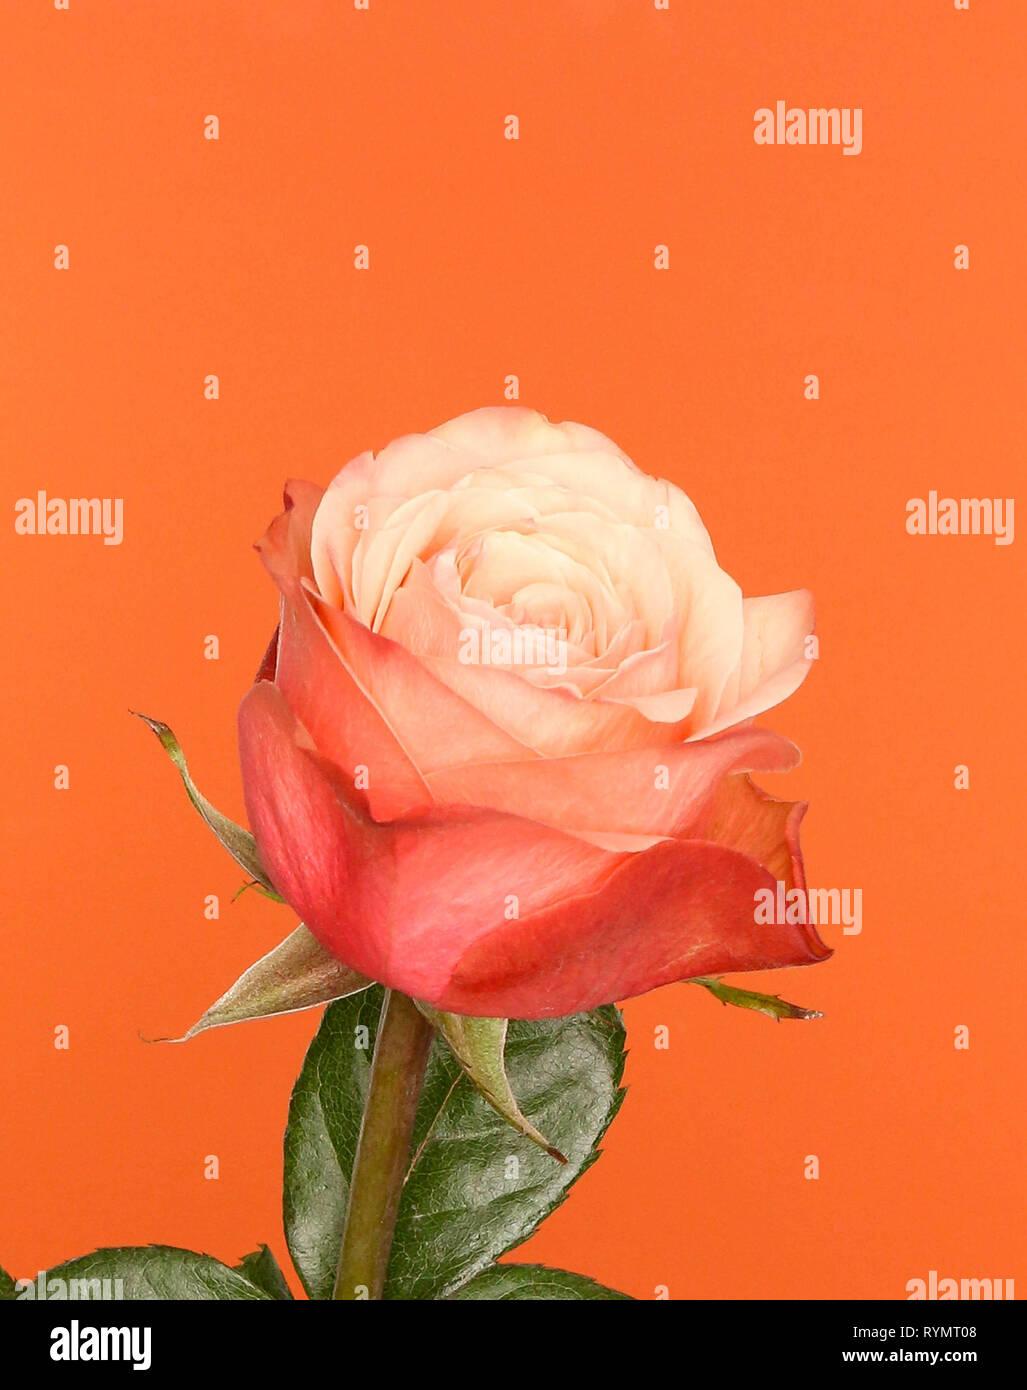 Rose rose et orange avec une pointe de corail vivant, sur un fond orange. Photo Stock